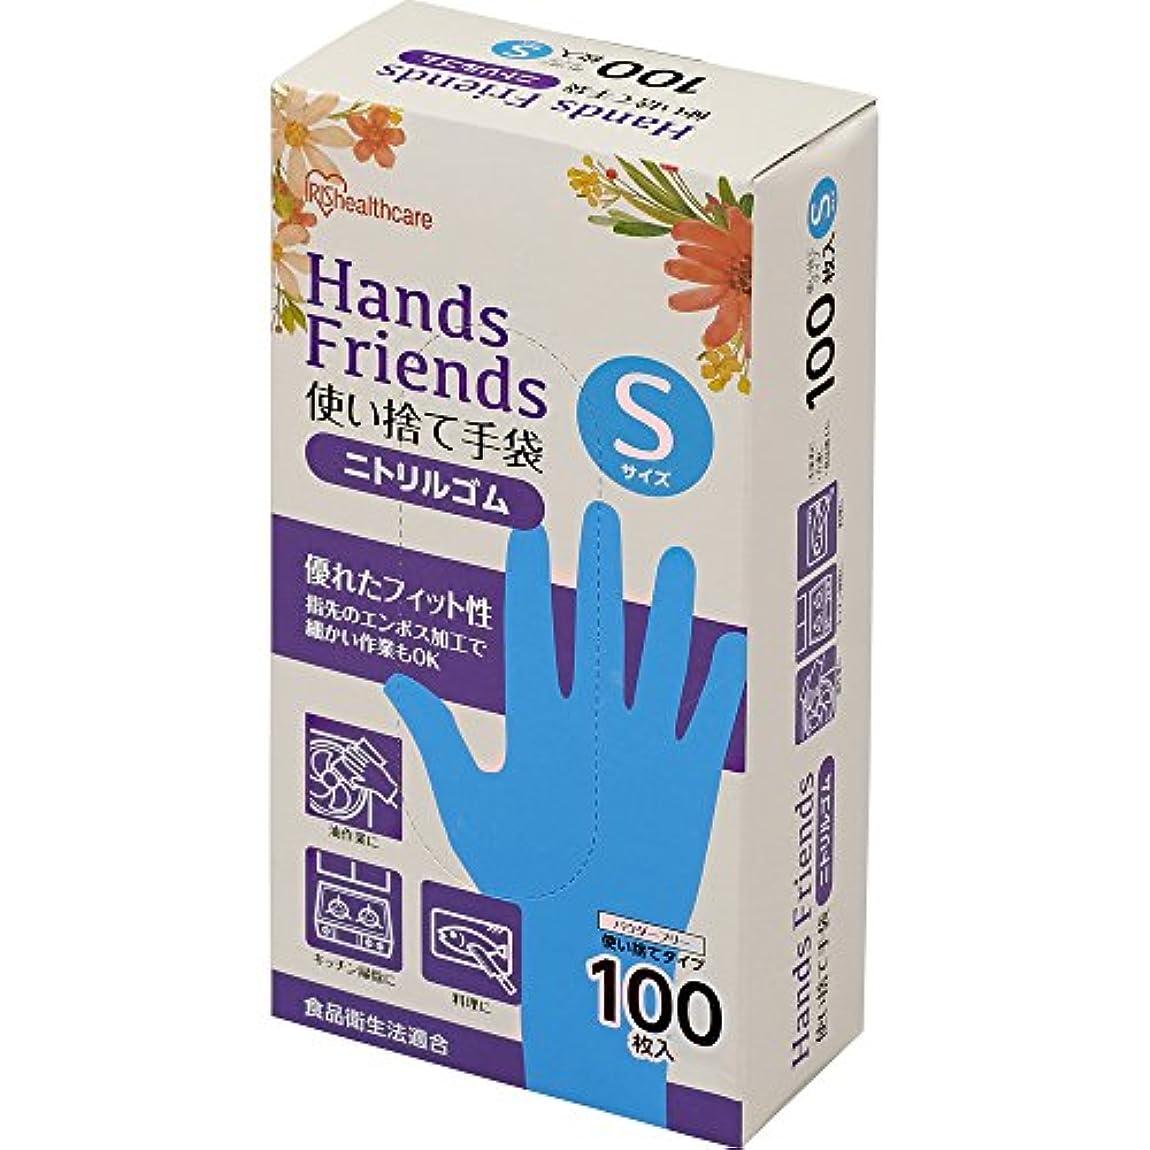 戦う永遠の苦い使い捨て手袋 ブルー ニトリルゴム 100枚 Sサイズ NBR-100S